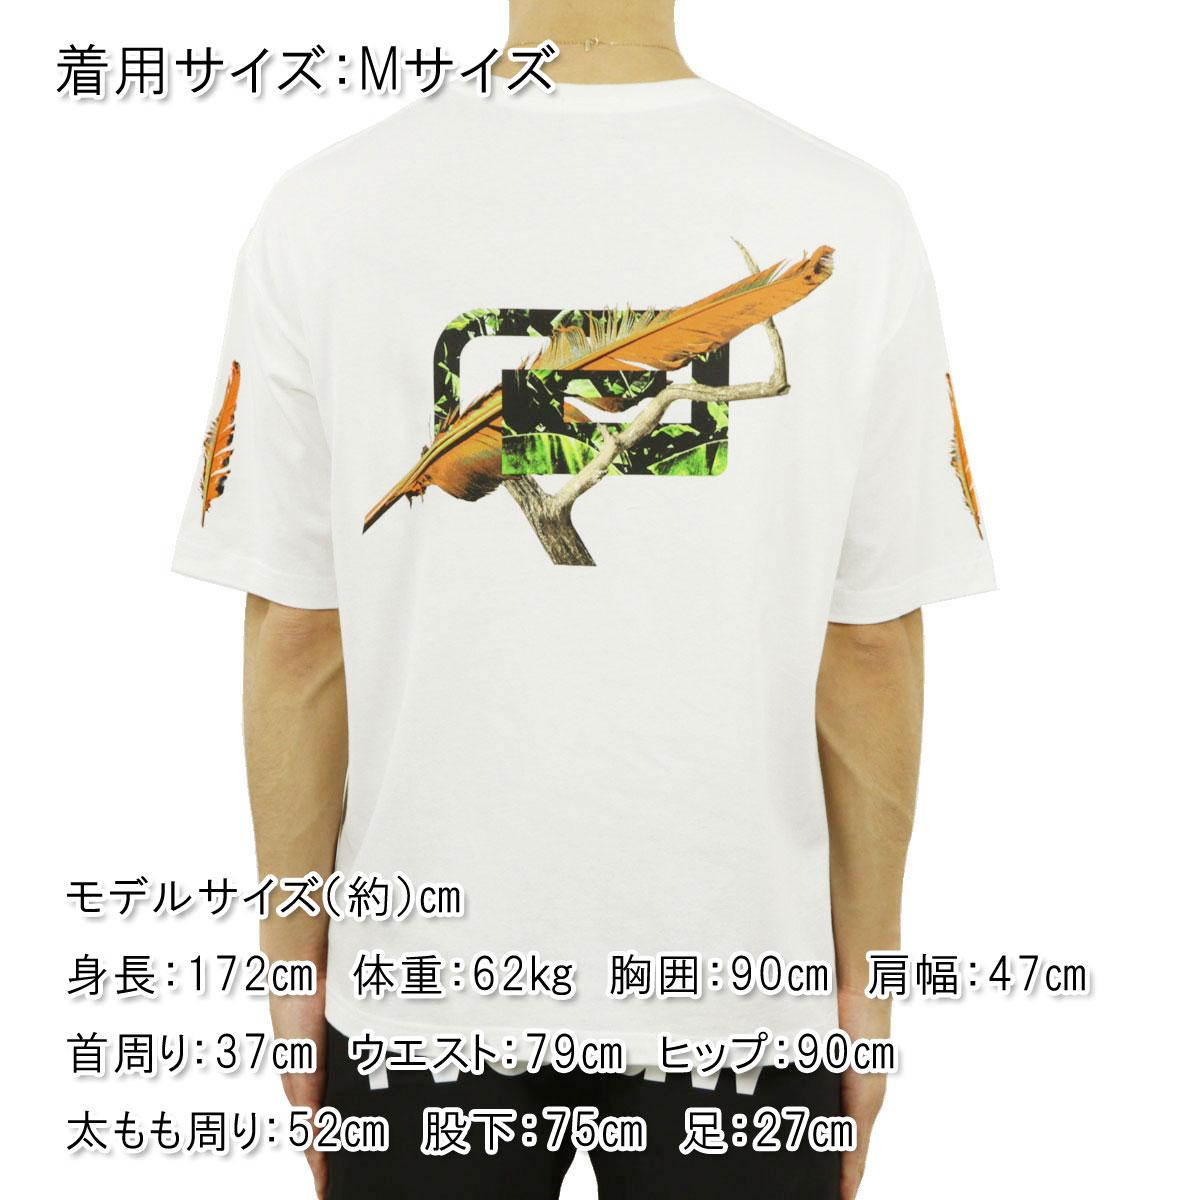 リバーサル Tシャツ メンズ 正規販売店 REVERSAL クルーネック半袖Tシャツ ビッグシルエット FEATHER BIG MARK BIG SILHOUETTE COTTON TEE rv21ss003 WHITE A06B B1C C1D D1E E01F